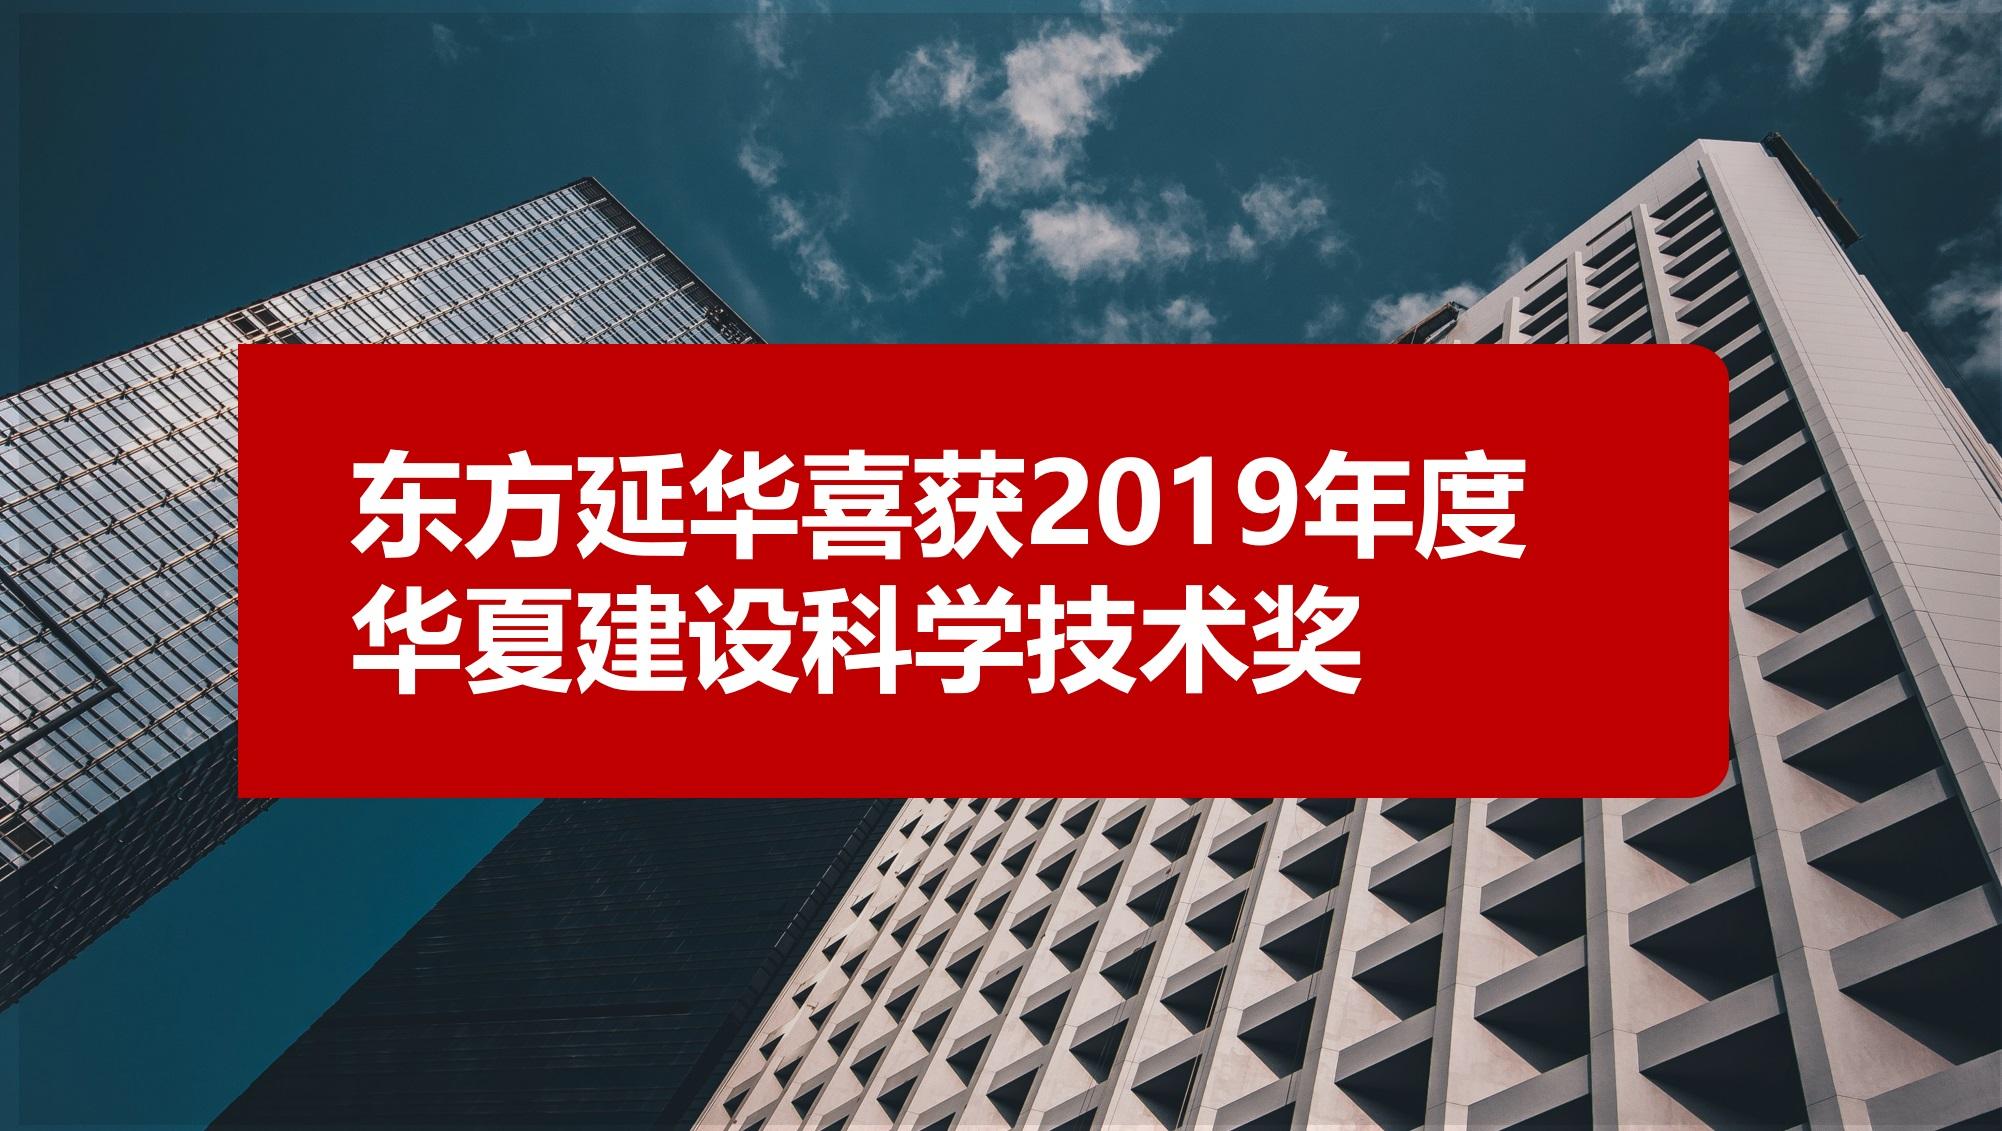 【喜报】《建筑物合同能源管理关键技术研究》获2019年度华夏建设科学技术奖